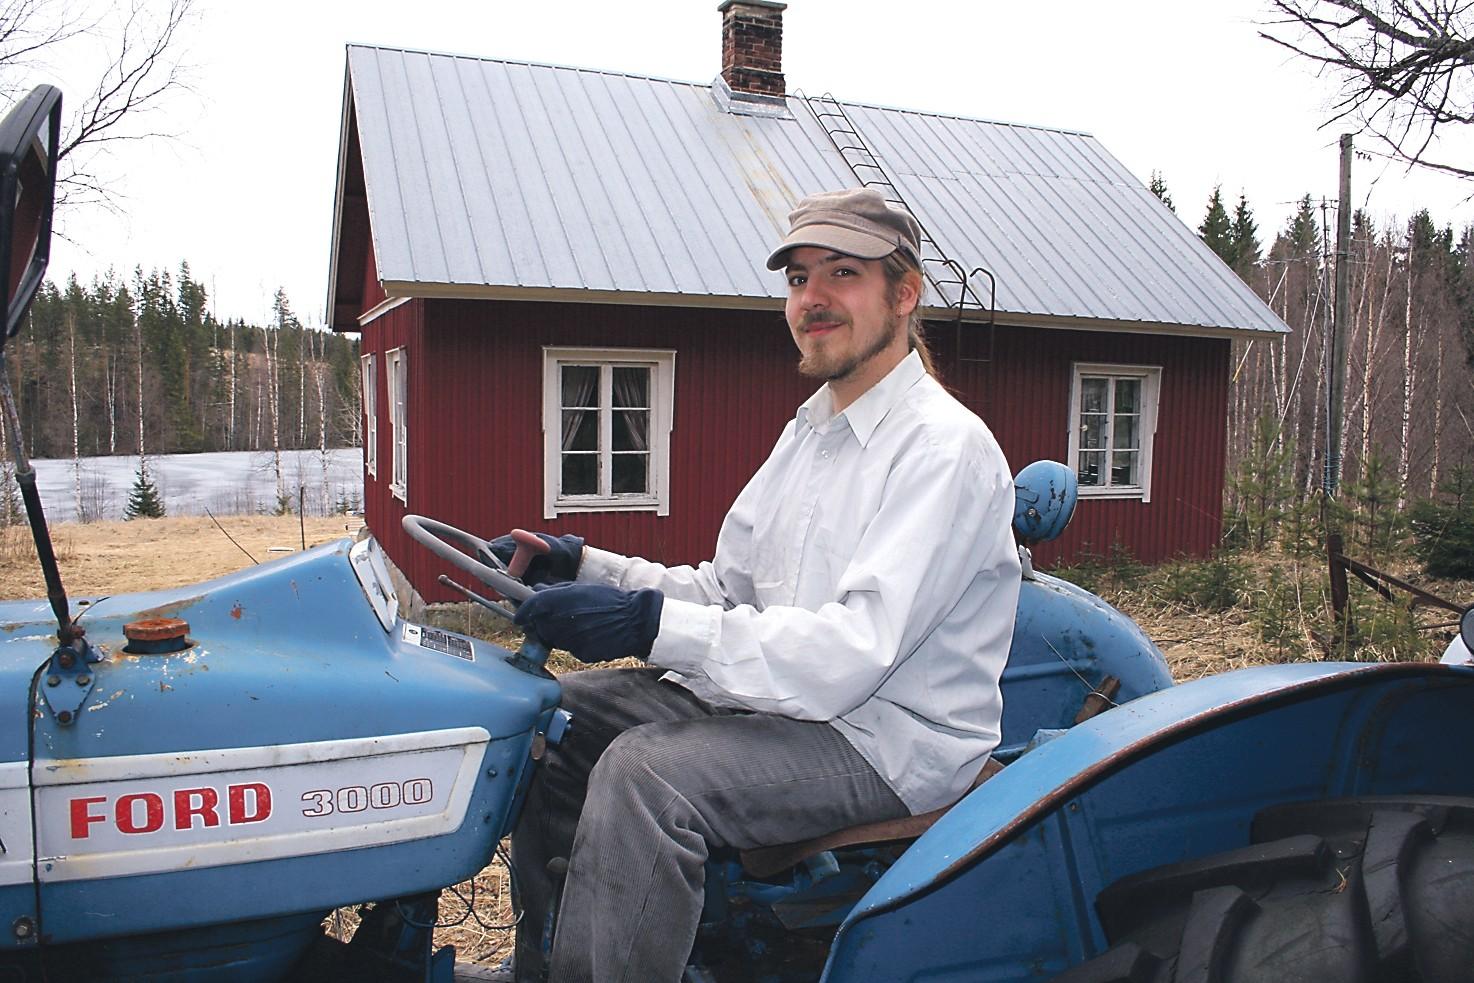 Rauhantekijä Simo Hellsten: Ei vahingoiteta elollista